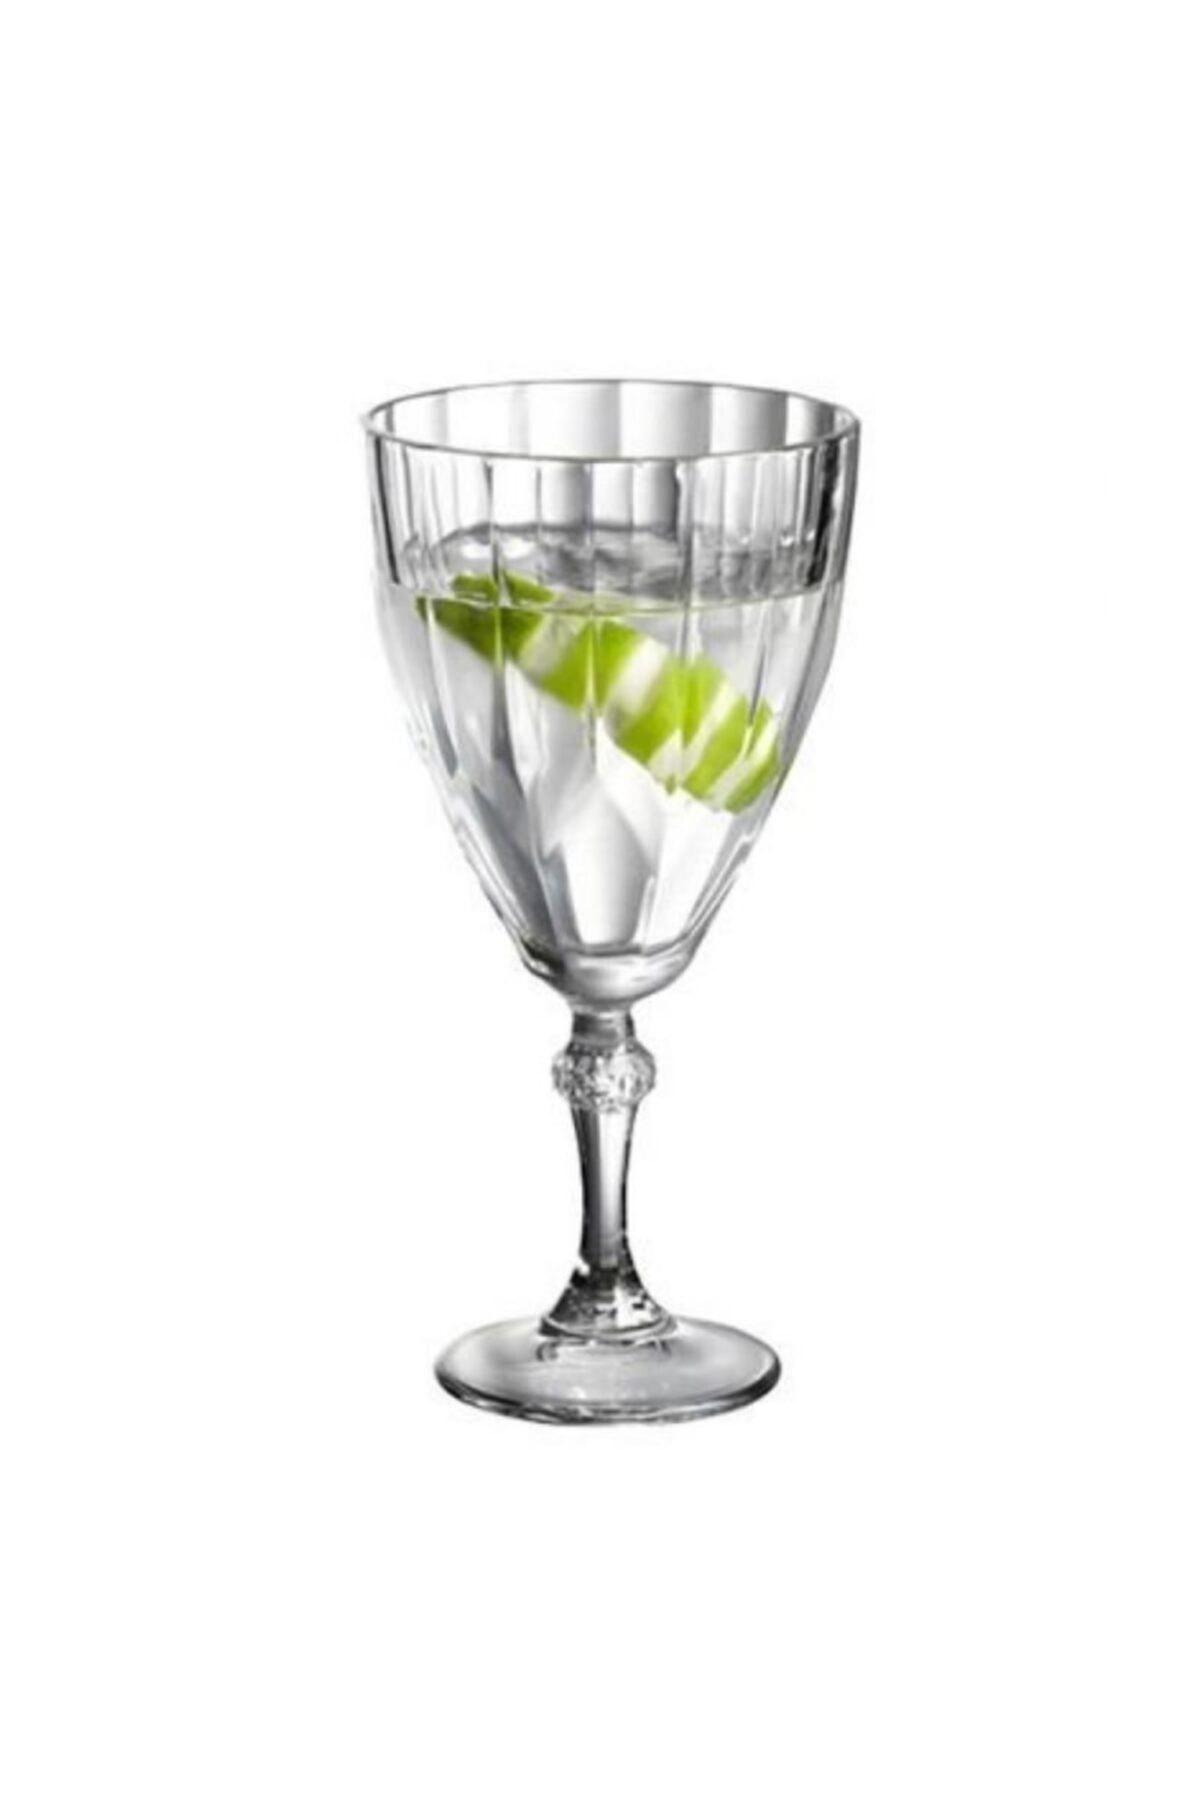 Paşabahçe 440113 Diamond Ayaklı Likör, Kahve Yanı Su Bardağı 6lı 49 Cc